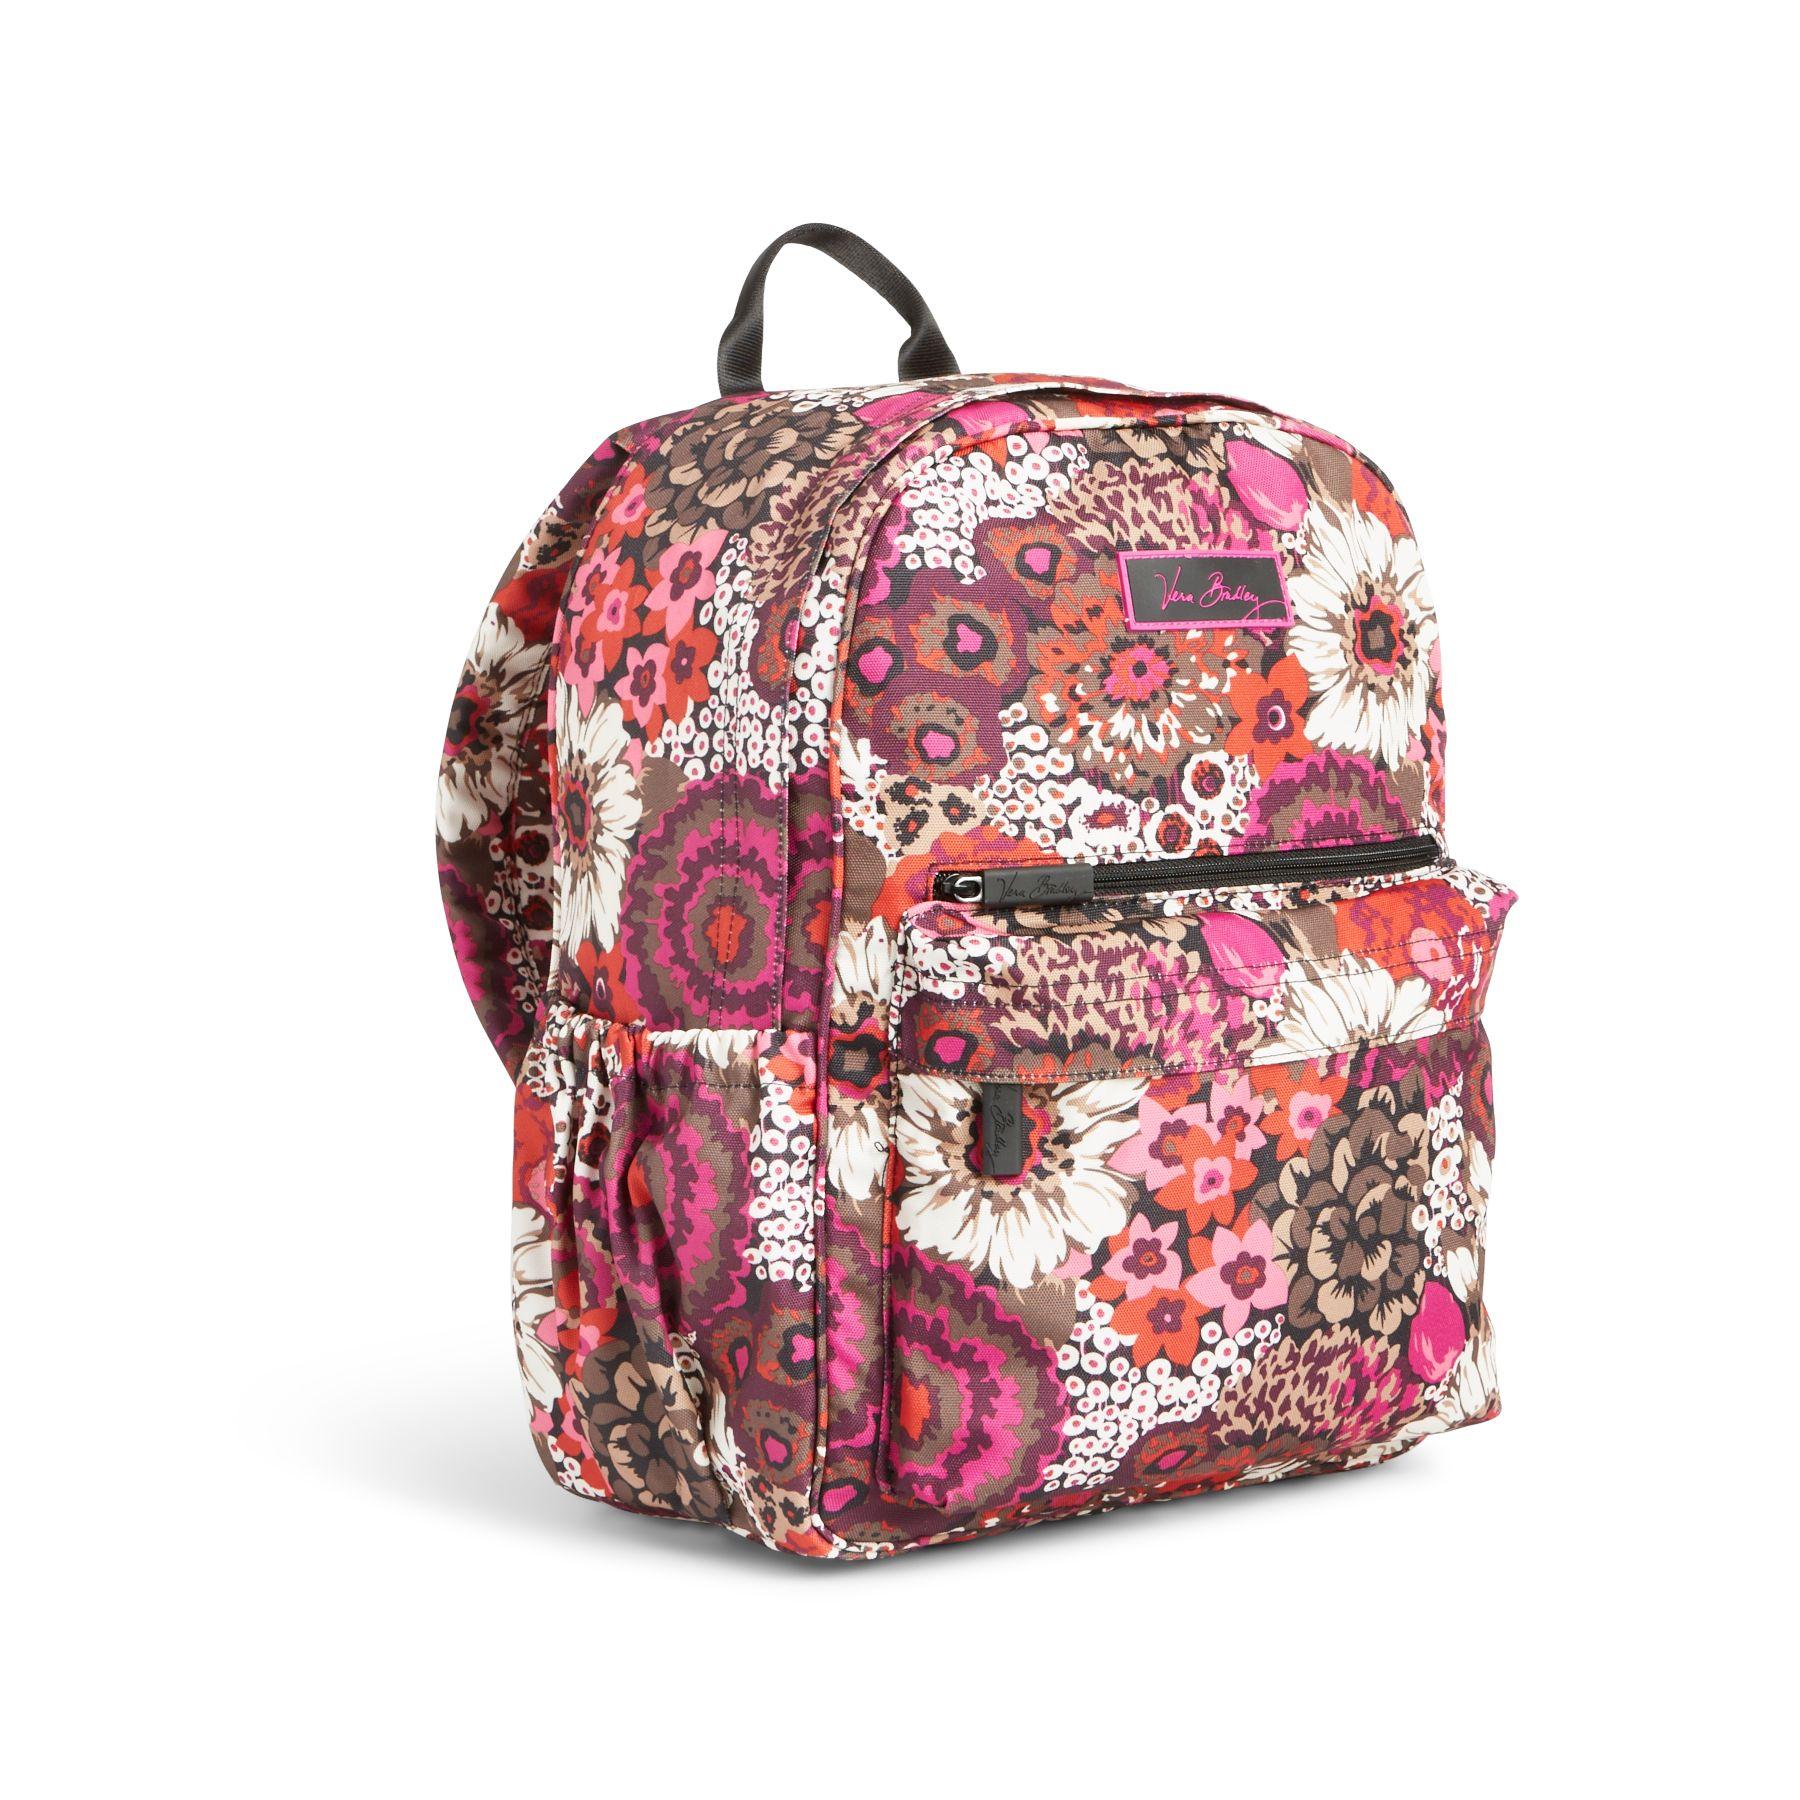 Vera Bradley Lighten Up Just Right Backpack | eBay